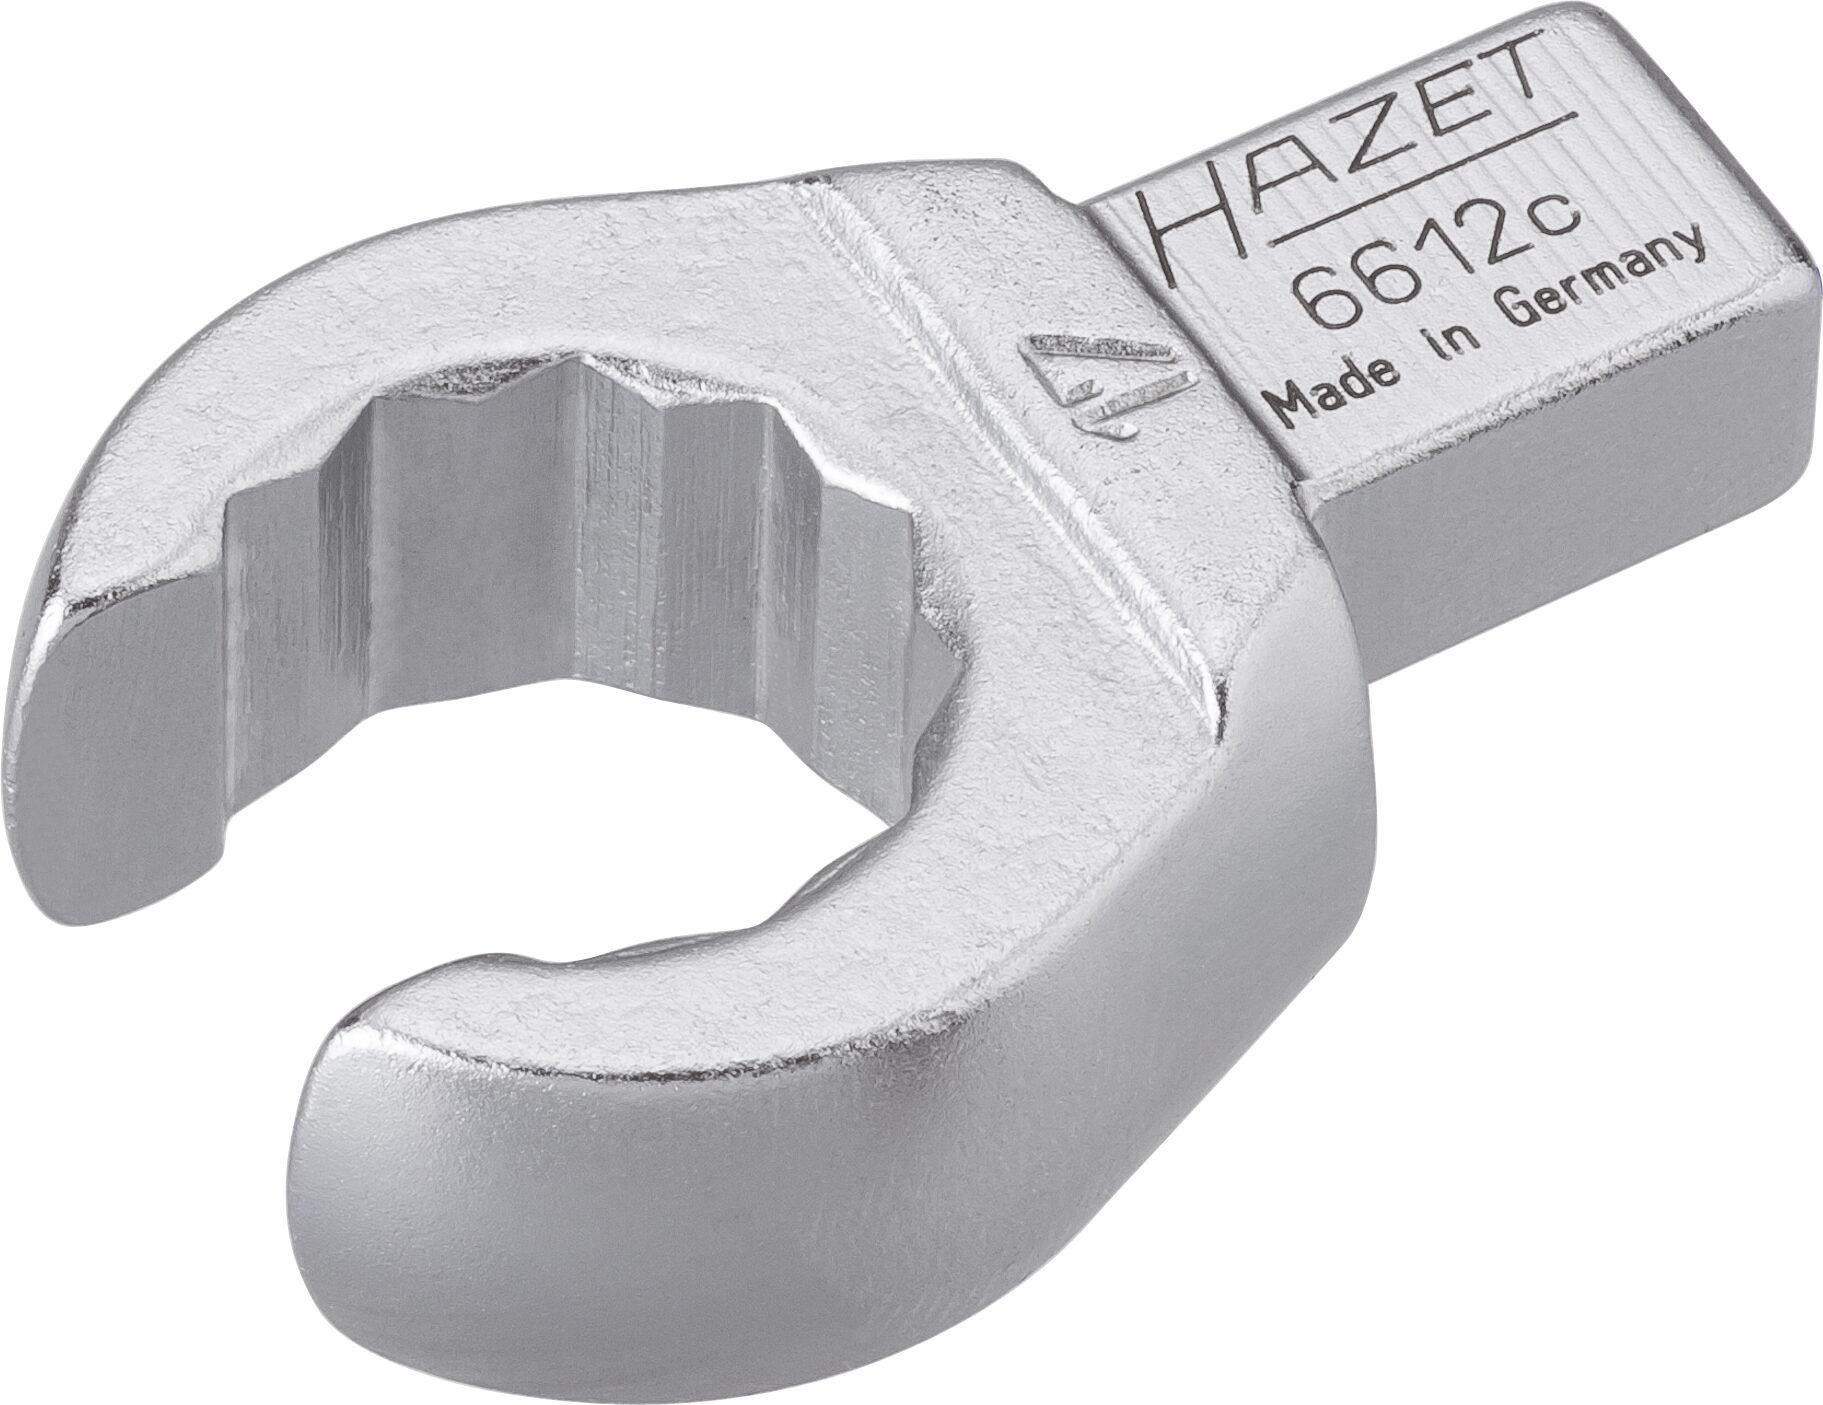 HAZET Einsteck-Ringschlüssel ∙ offen 6612C-17 ∙ Einsteck-Vierkant 9 x 12 mm ∙ Außen-Doppel-Sechskant Profil ∙ 17 mm